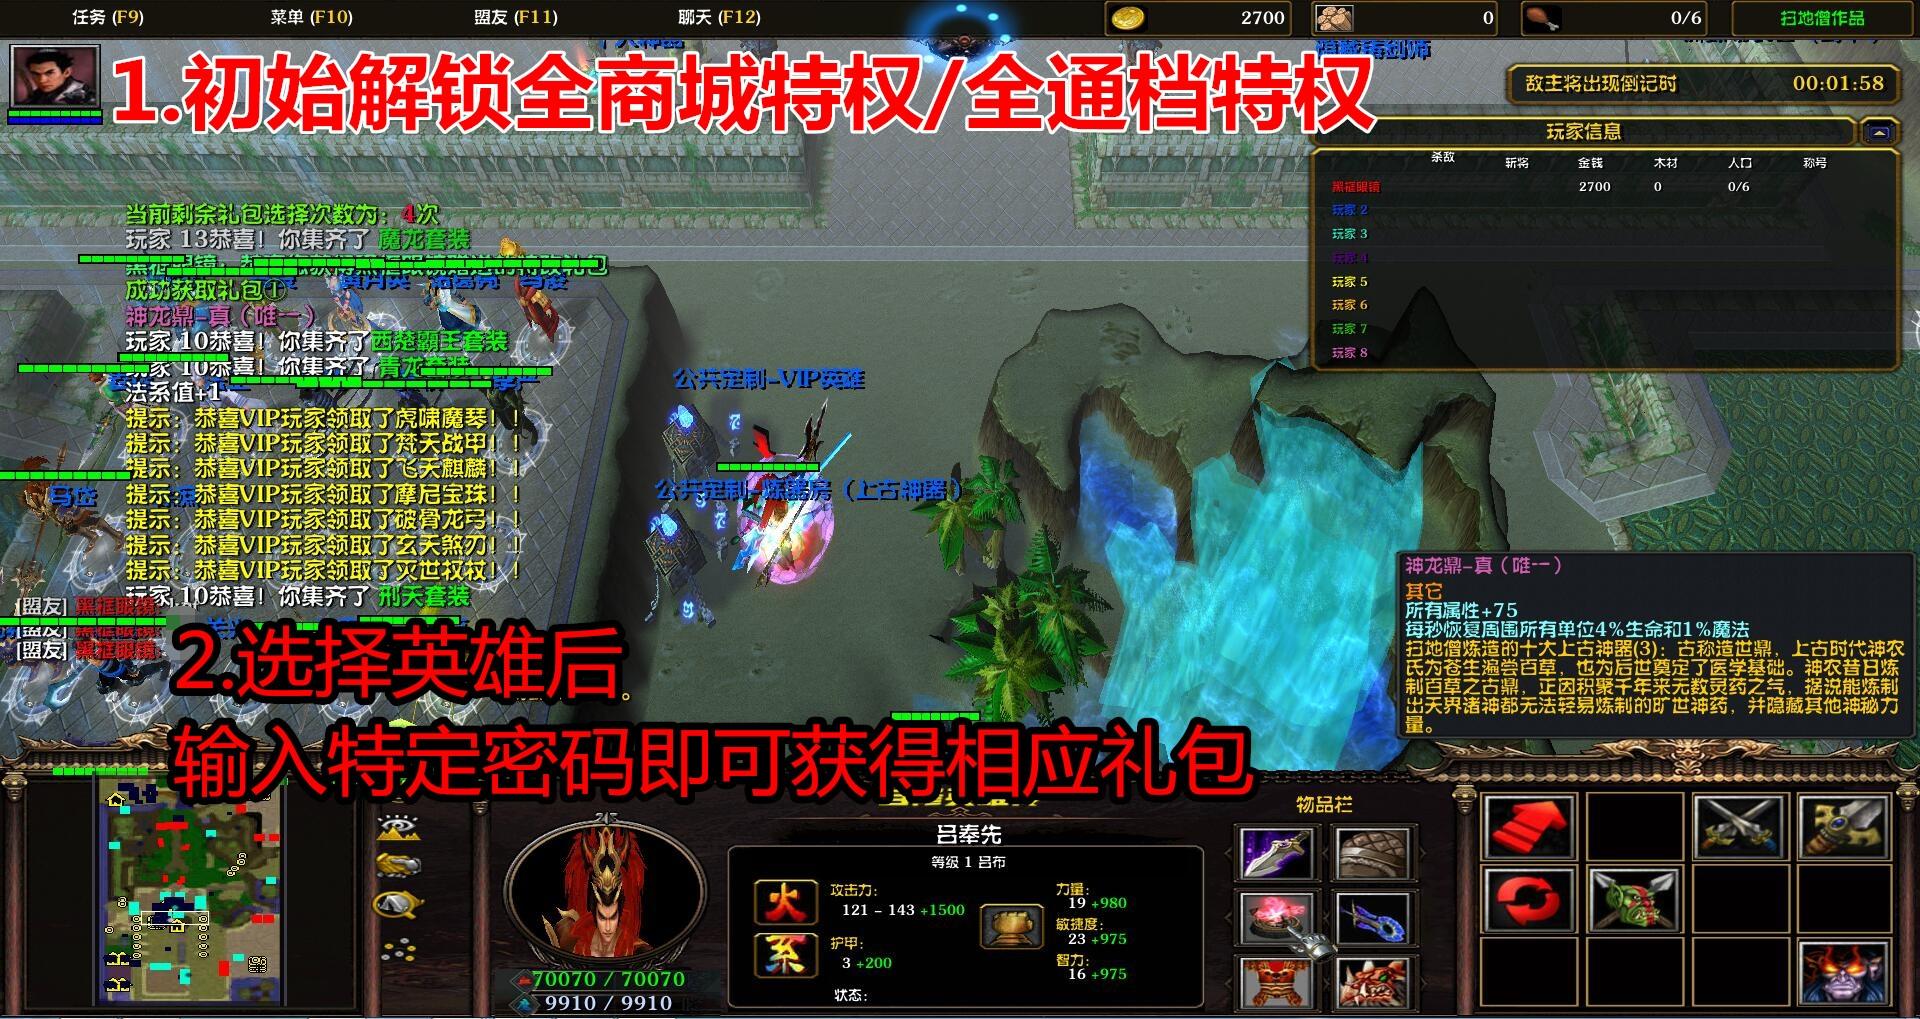 三国天下_自修英雄传1.0.82黑式破解